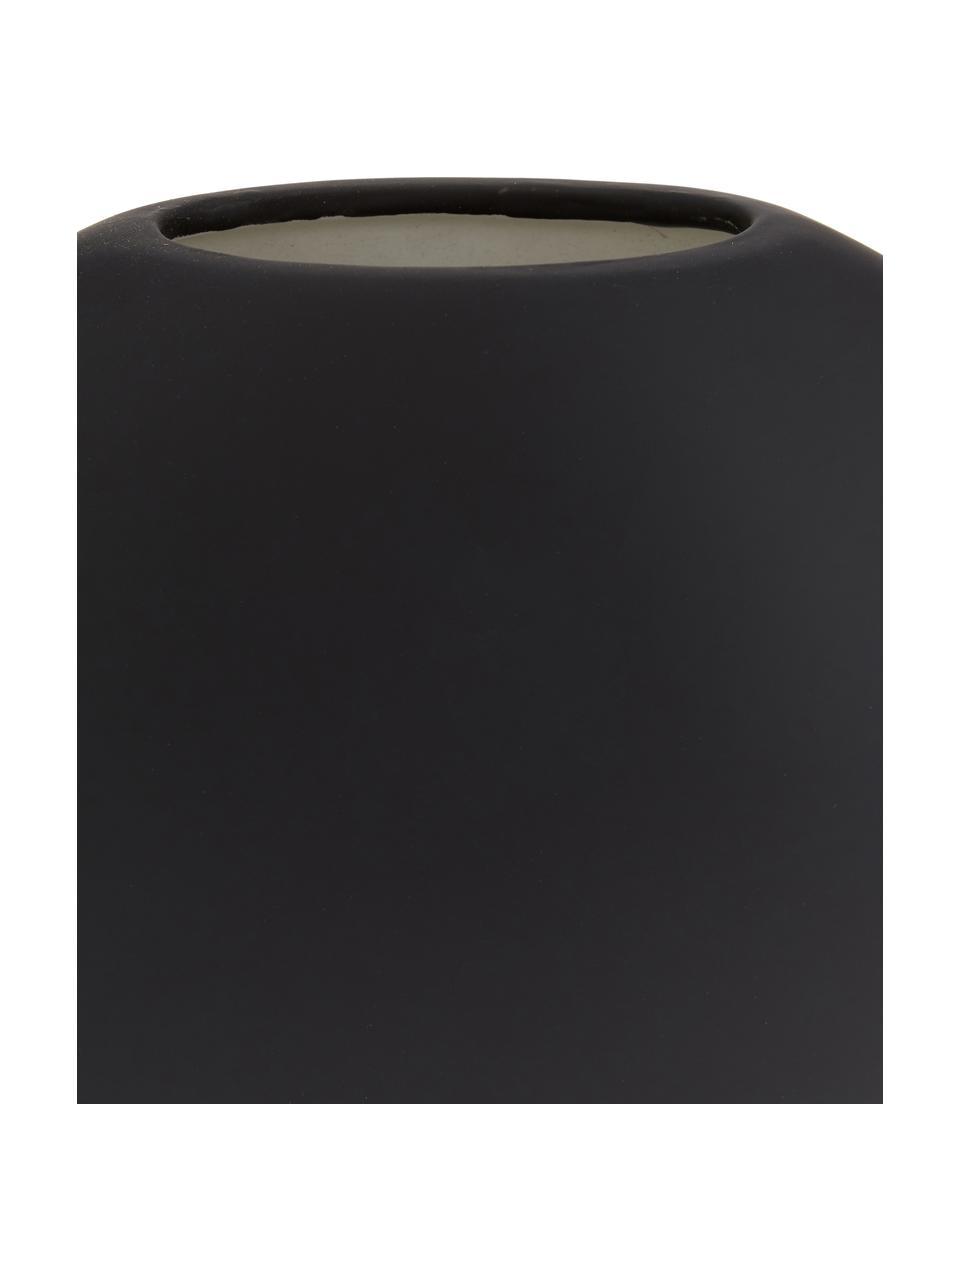 Handgefertigte Keramik-Vase Pastille, Keramik, Schwarz, 20 x 19 cm